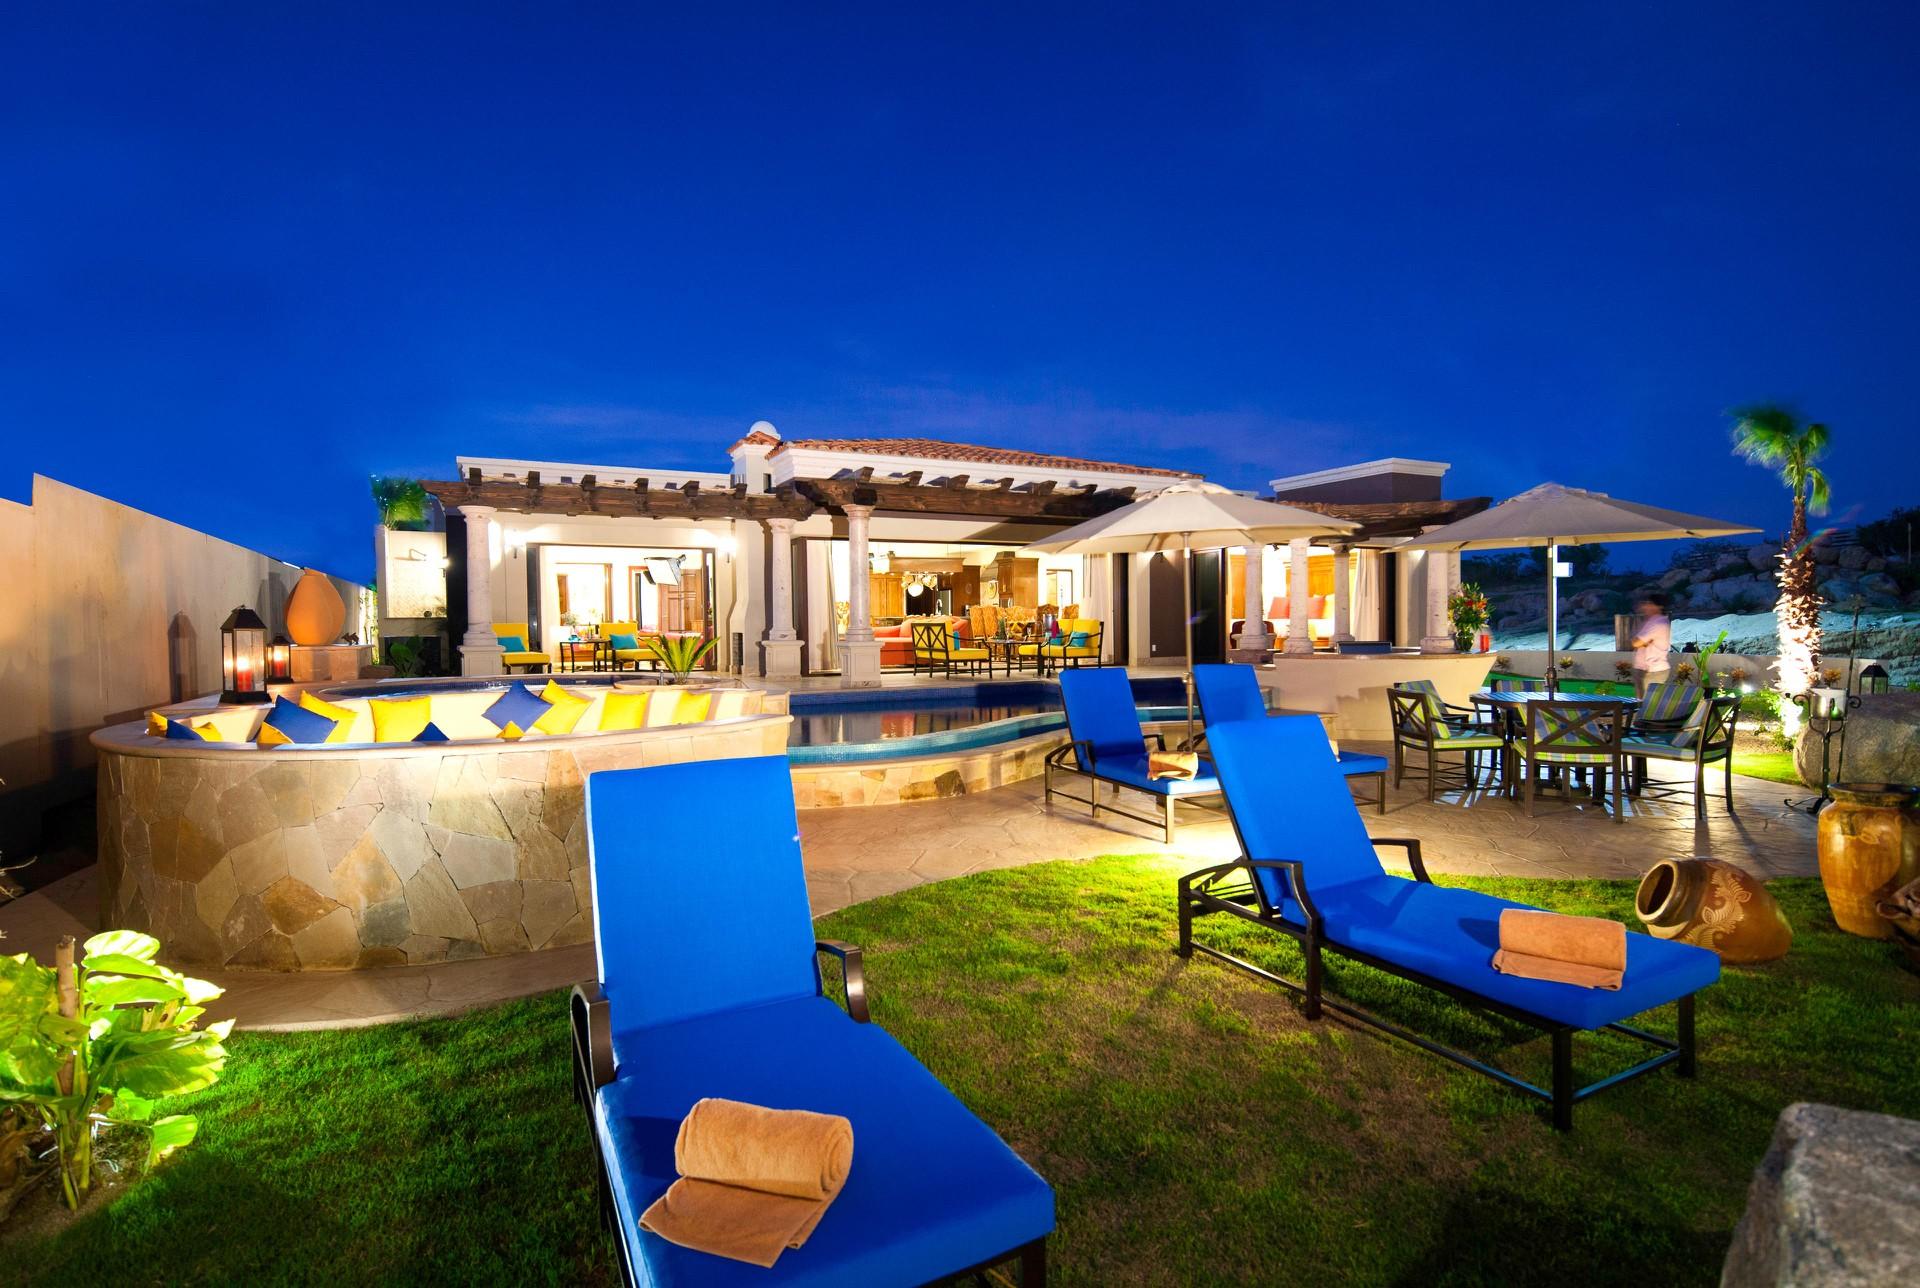 Residences hacienda encantada villa residences hacienda for Villas los cabos